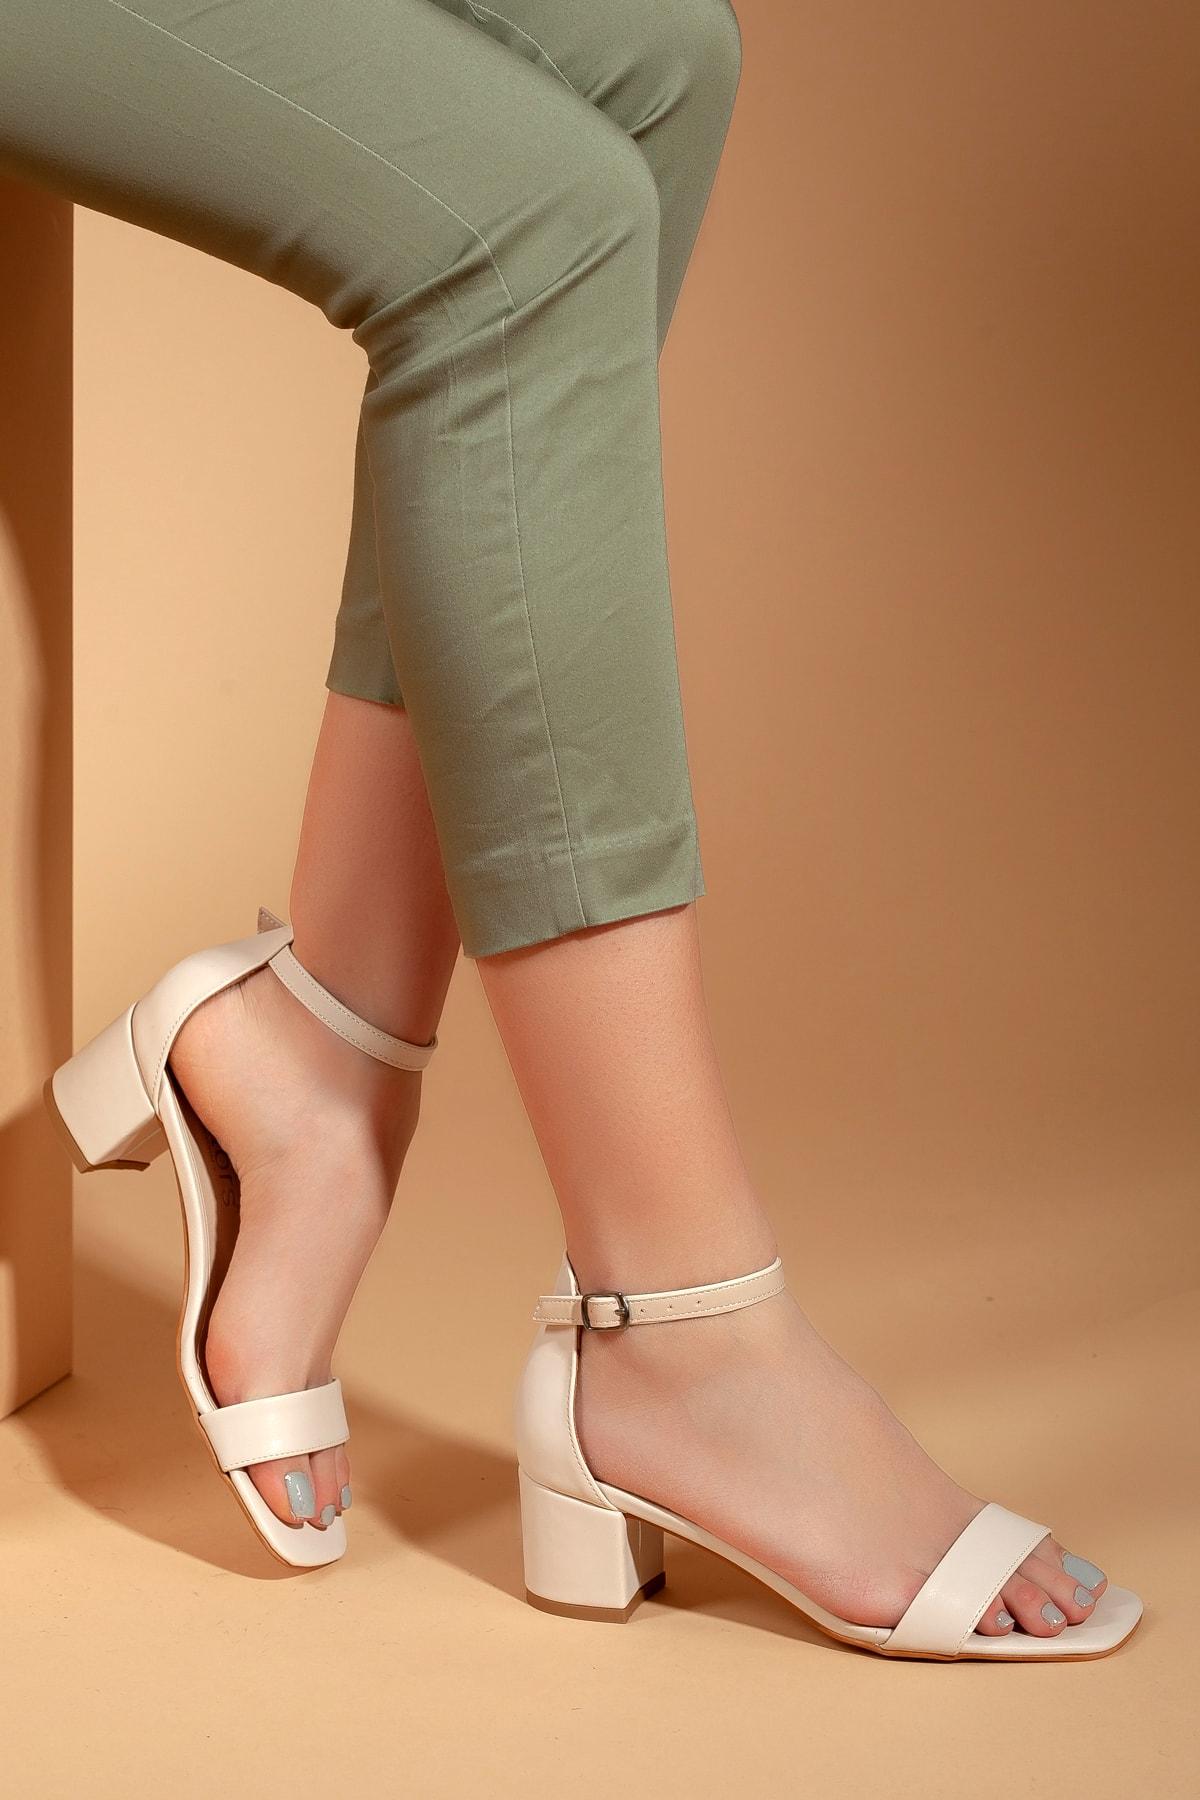 Daxtors Kadın Bej Klasik Topuklu 2